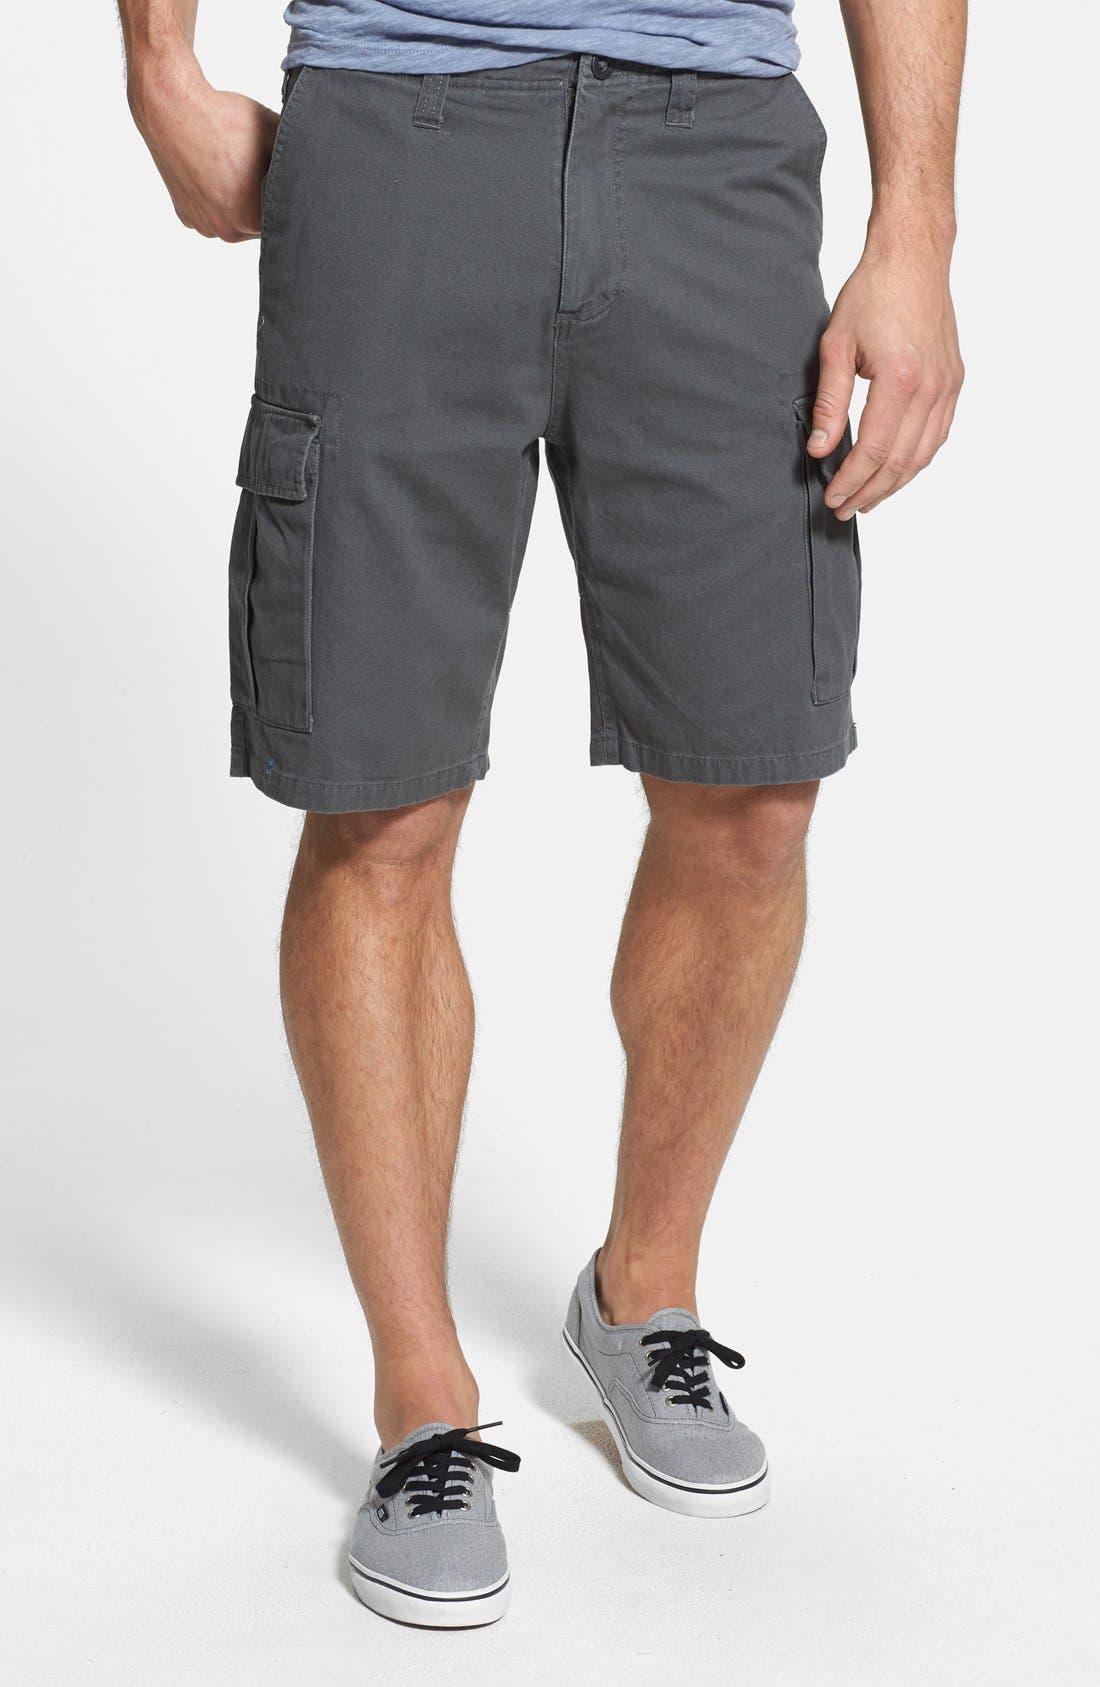 Alternate Image 1 Selected - Volcom 'Slargo' Cargo Shorts